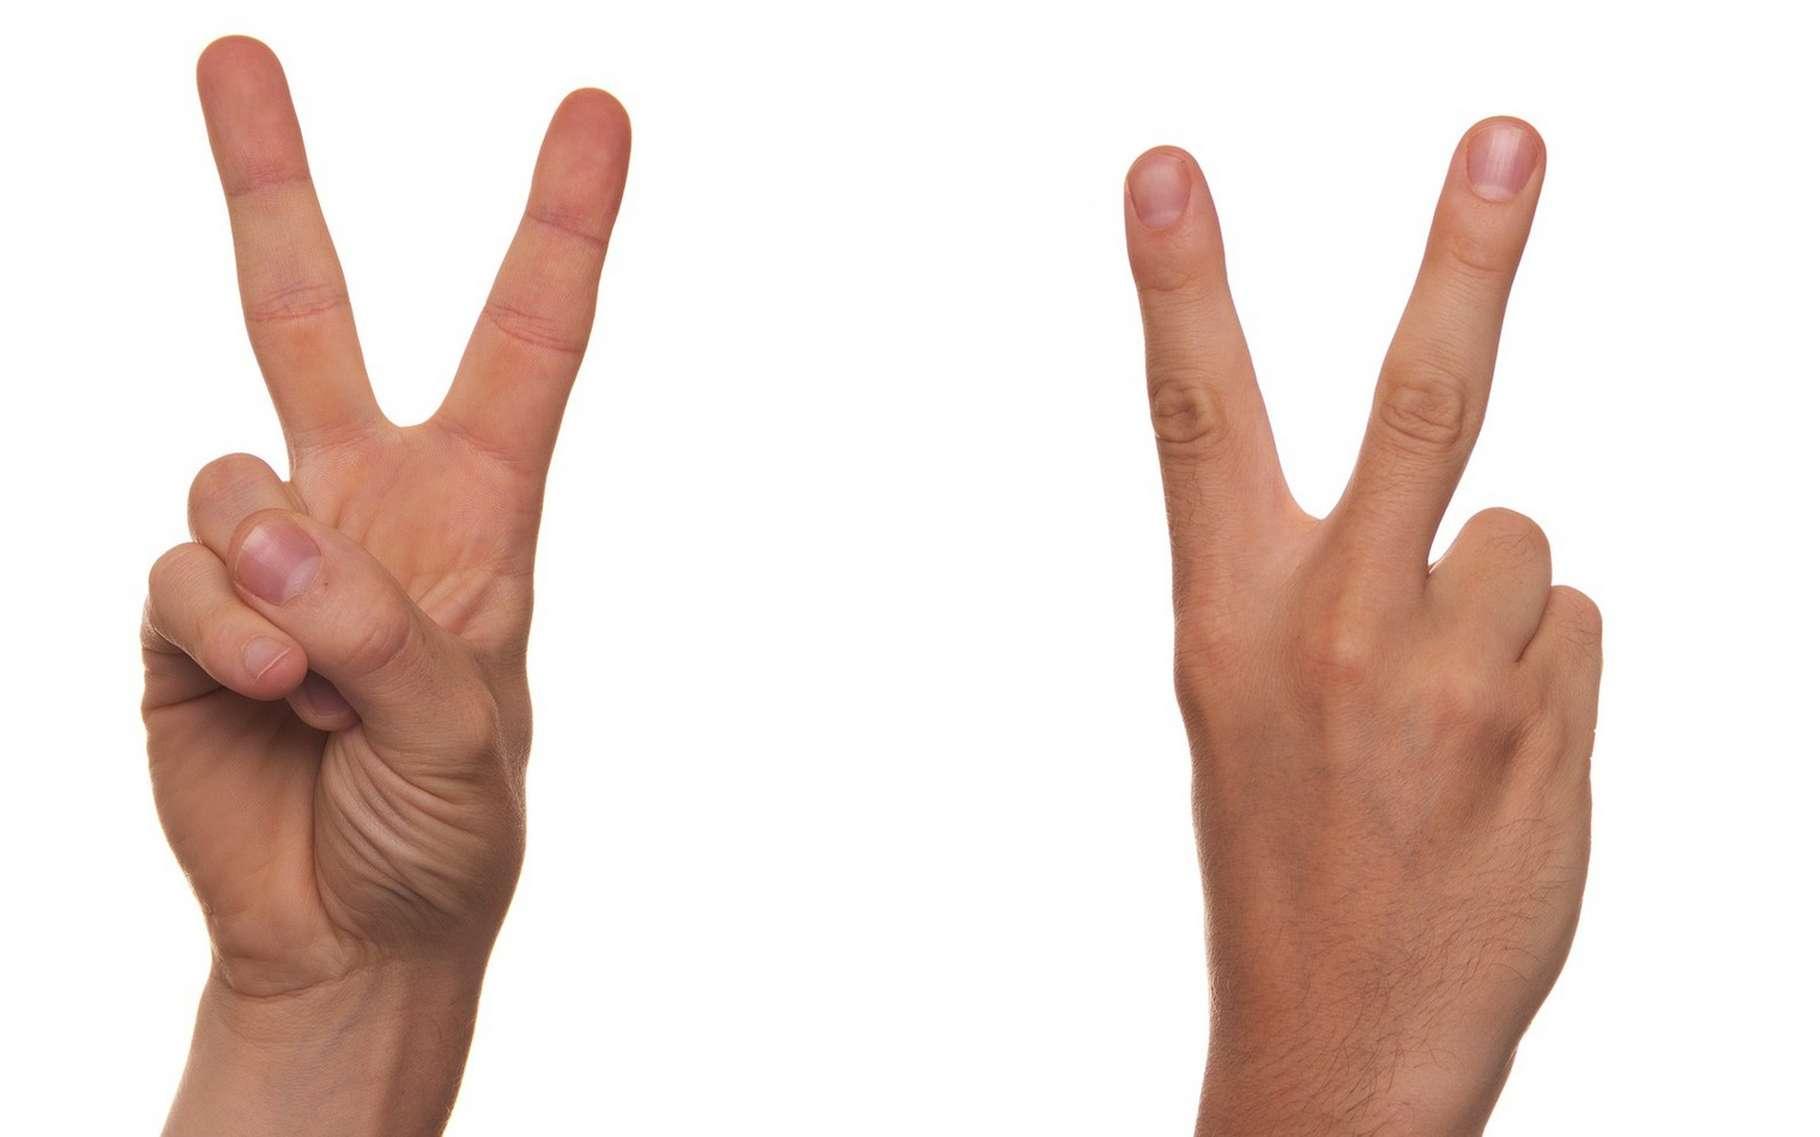 Le « V » de la victoire est prisé des jeunes qui aiment à prendre des autoportraits en faisant ce geste. © Niekverlaan, CC0 via Pixabay